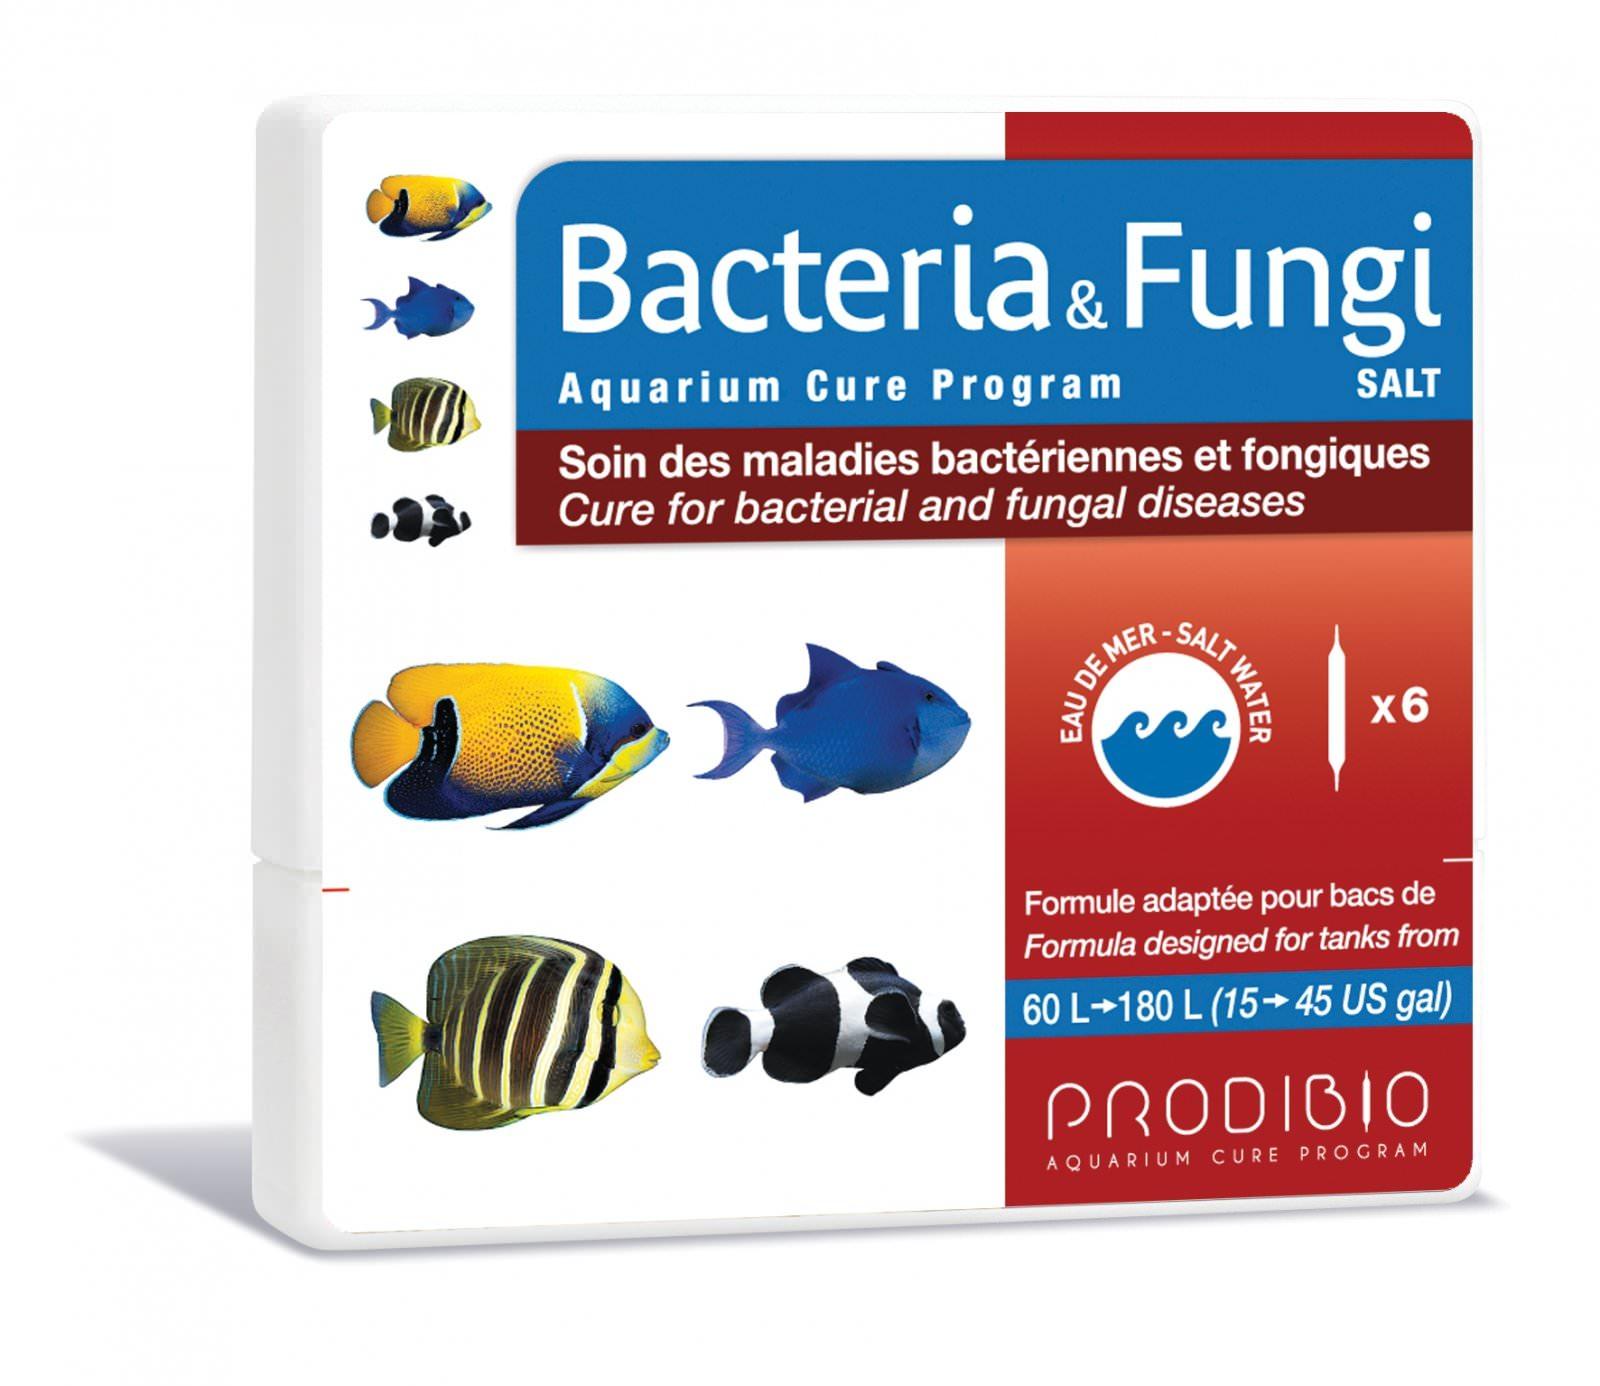 PRODIBIO Bacteria & Fungi Salt 6 ampoules soins des maladies bactériennes et fongiques pouvant contaminer des poissons d'eau de mer